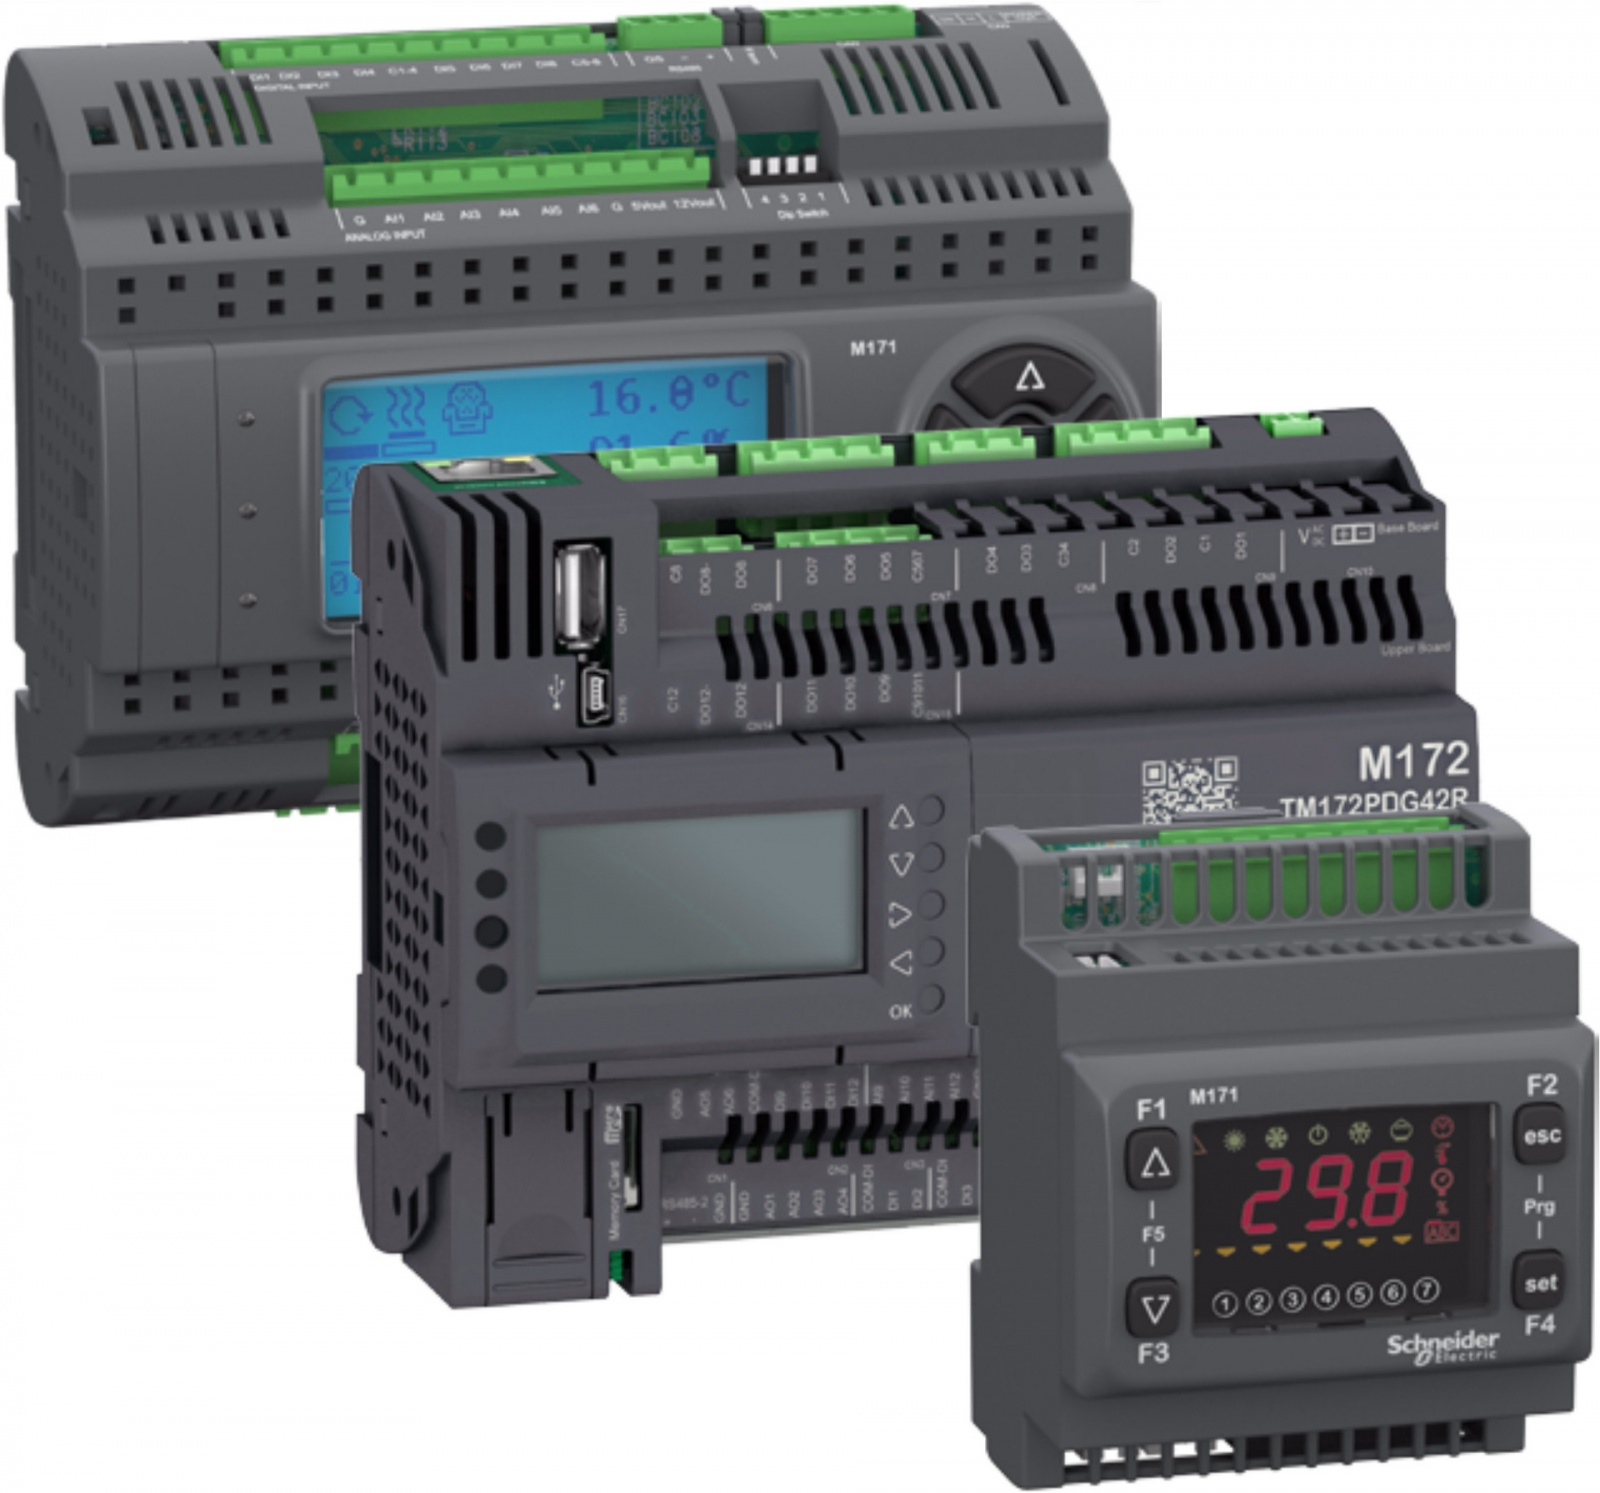 ПЛК от производителей Овен, Segnetics и Schneider Electric для HVAC - 8